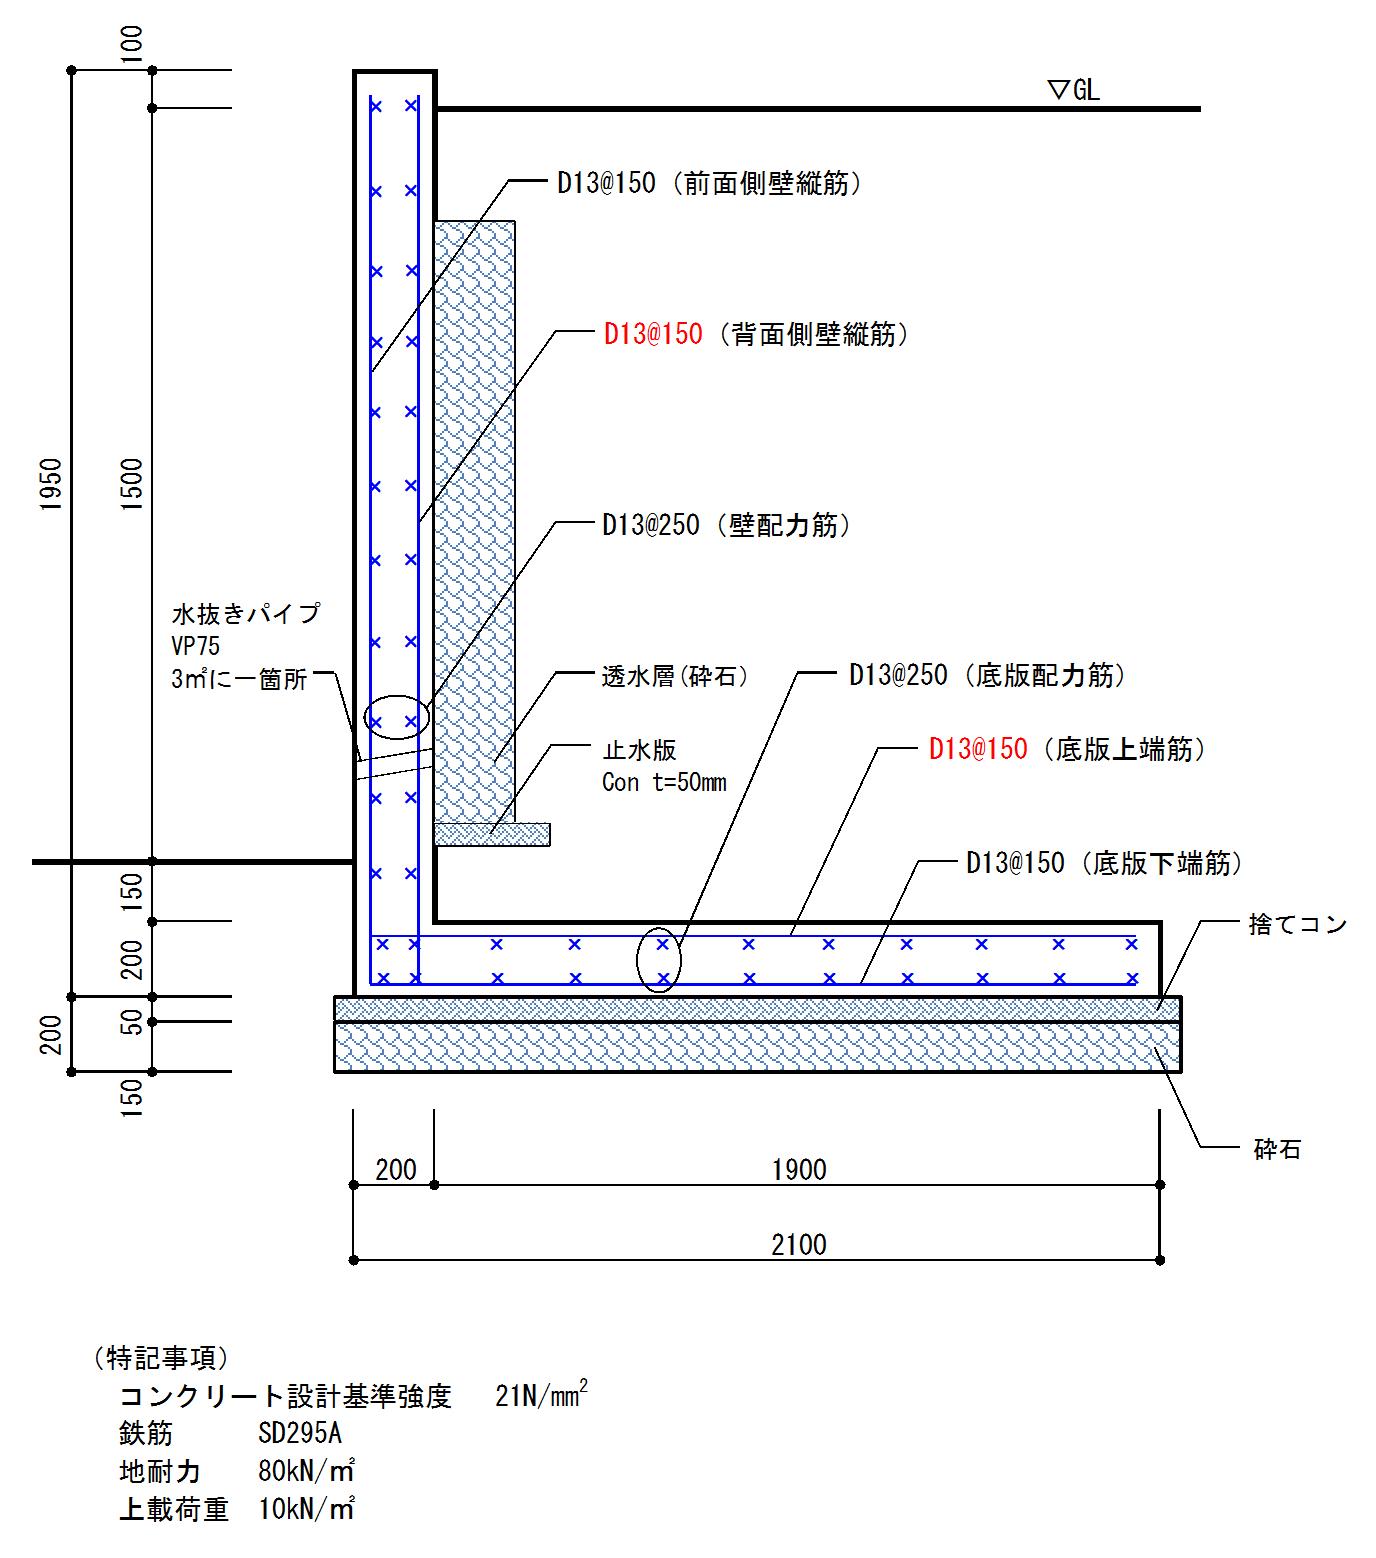 擁 壁 構造 計算